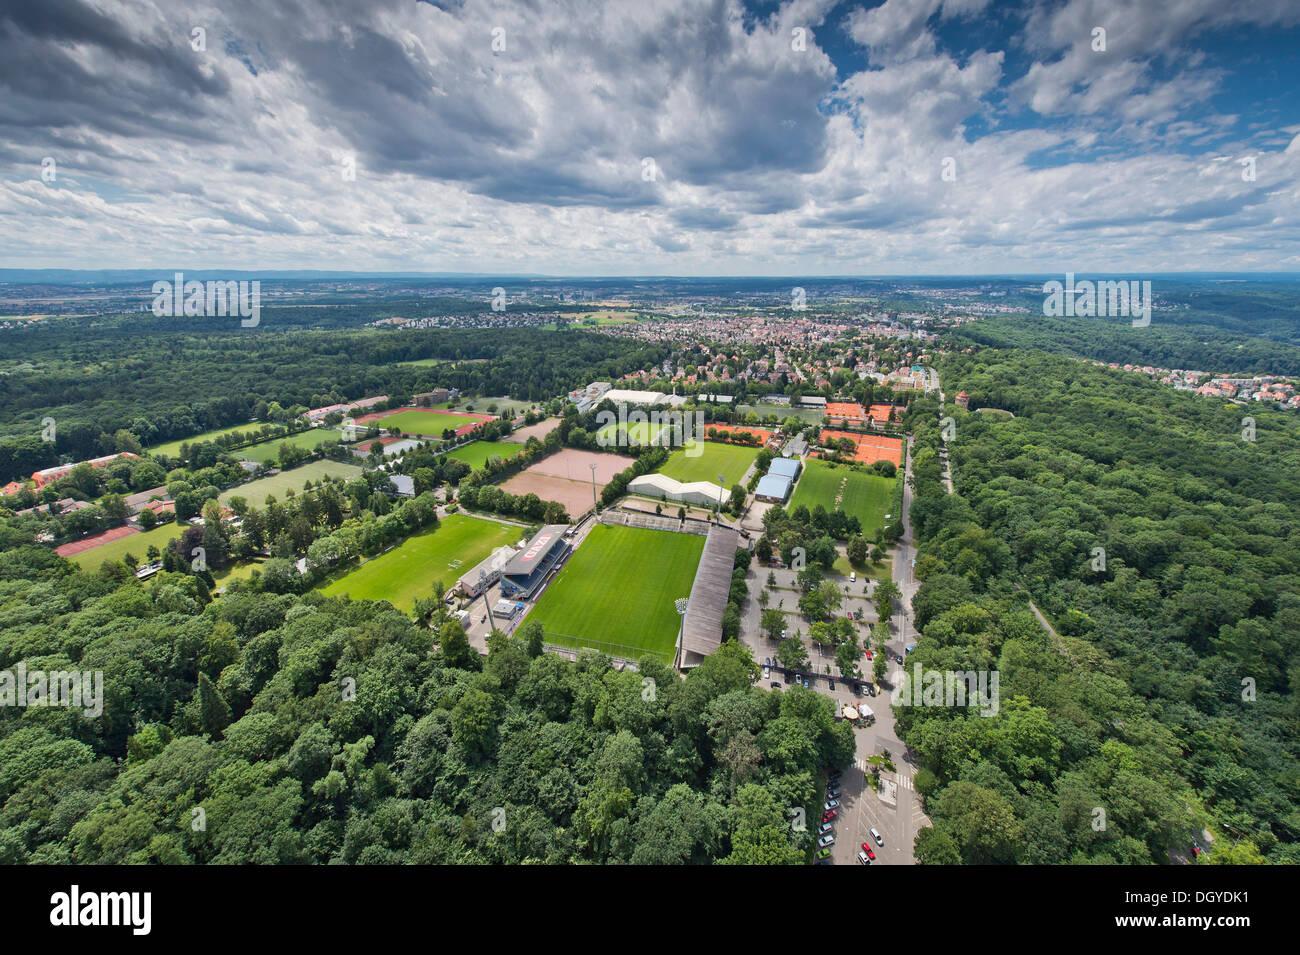 Waldau sports facilities, view from Stuttgart TV tower, Stuttgart, Baden-Wuerttemberg - Stock Image